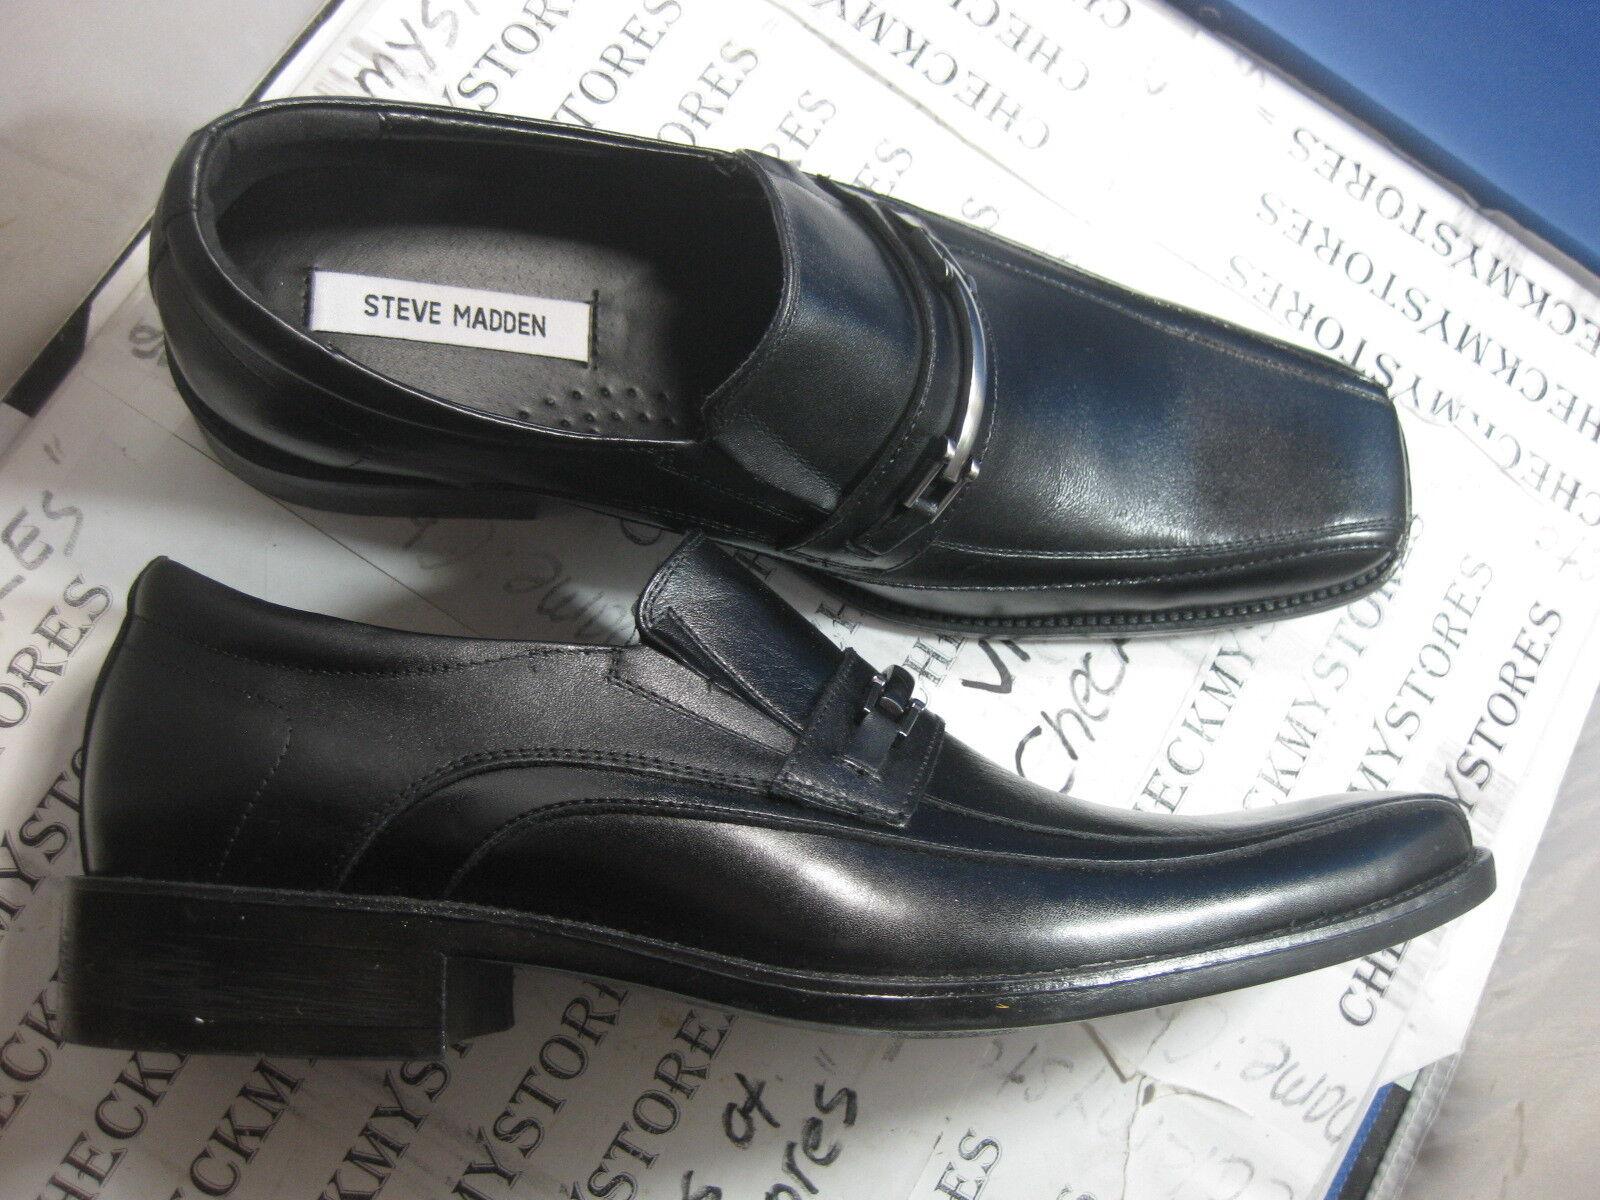 NIB Steve Madden P-KRUZ   hommes LOAFER SLIP-ON  noir DESIGNER chaussures